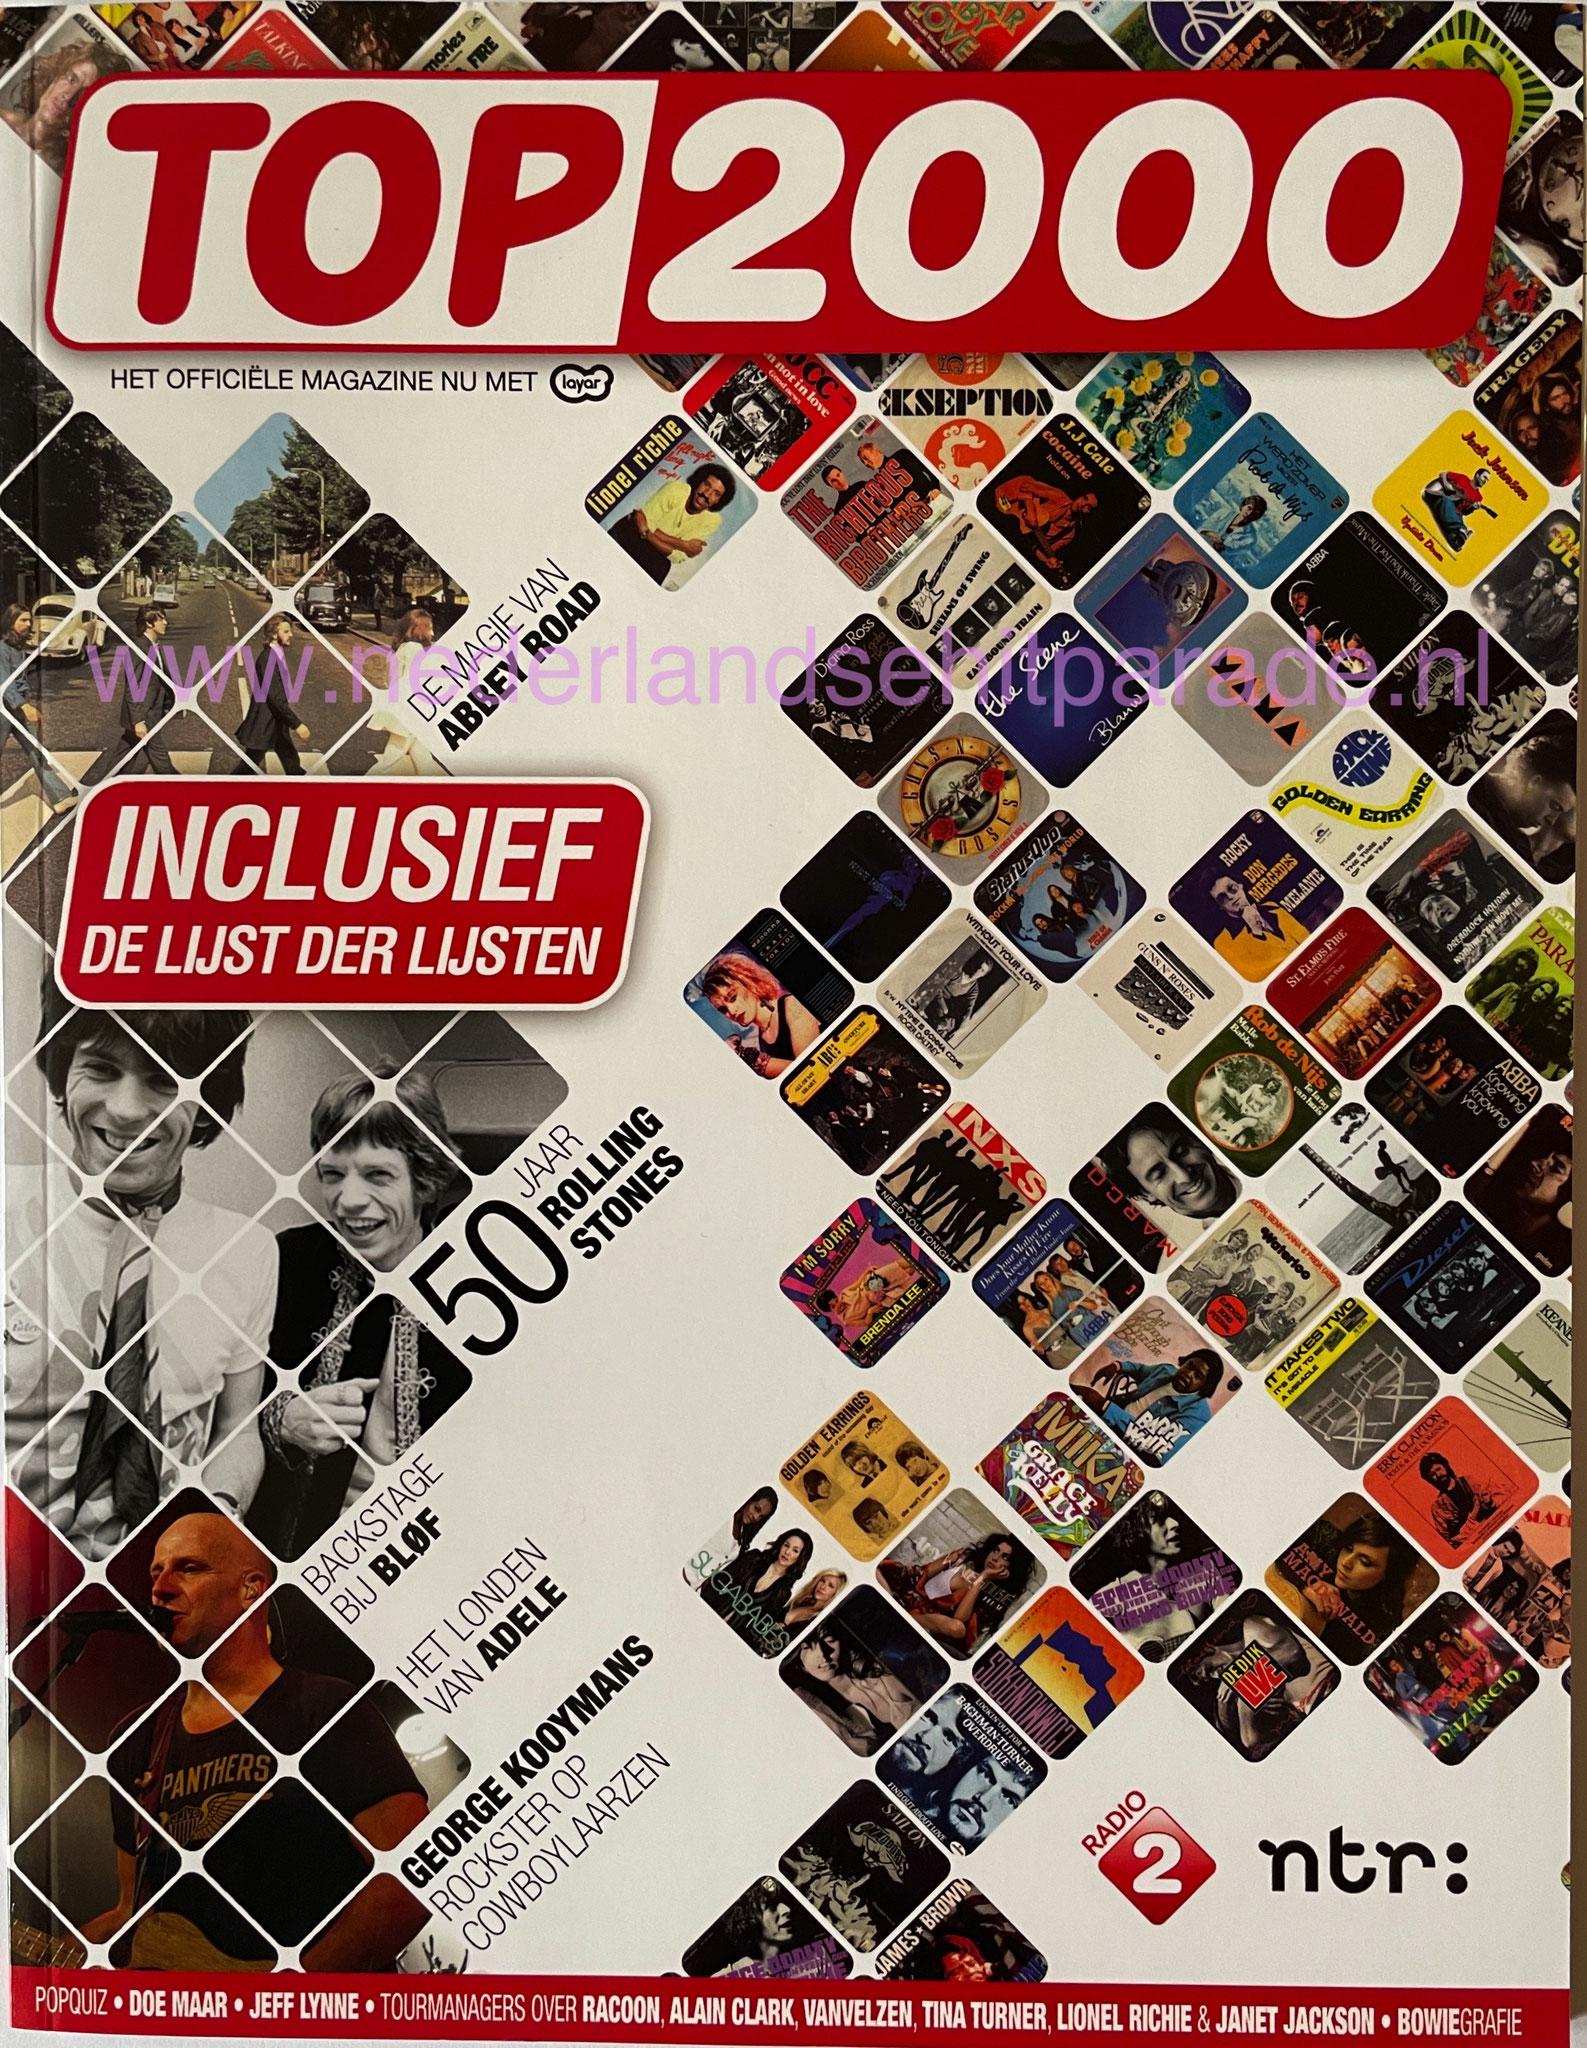 Top 2000 magazine 2012